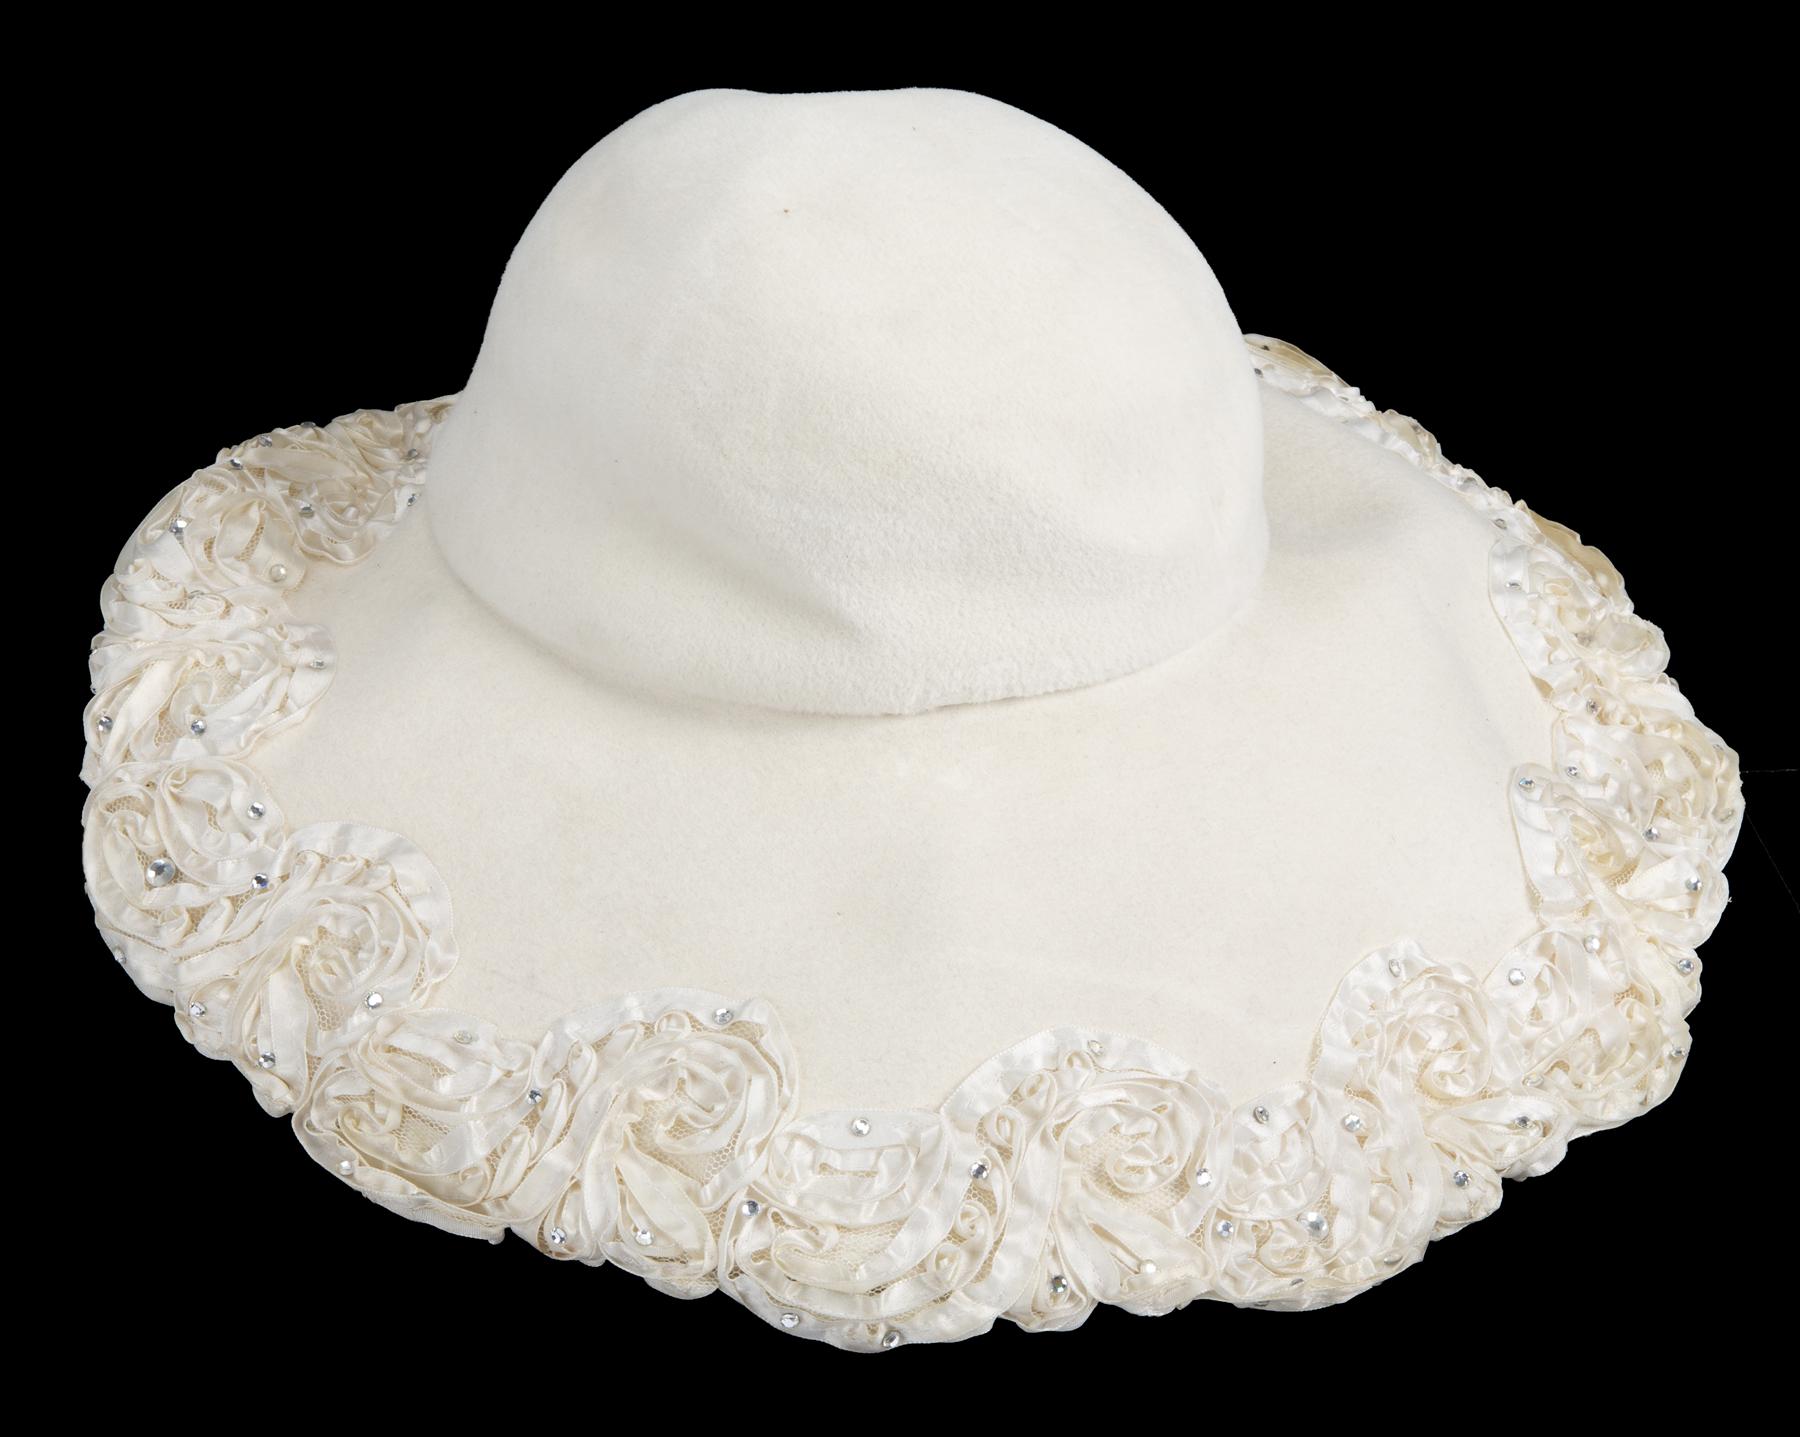 JAMIE Style 1265-BK Knit Hats with Genuine Fox Fur Pom-Poms